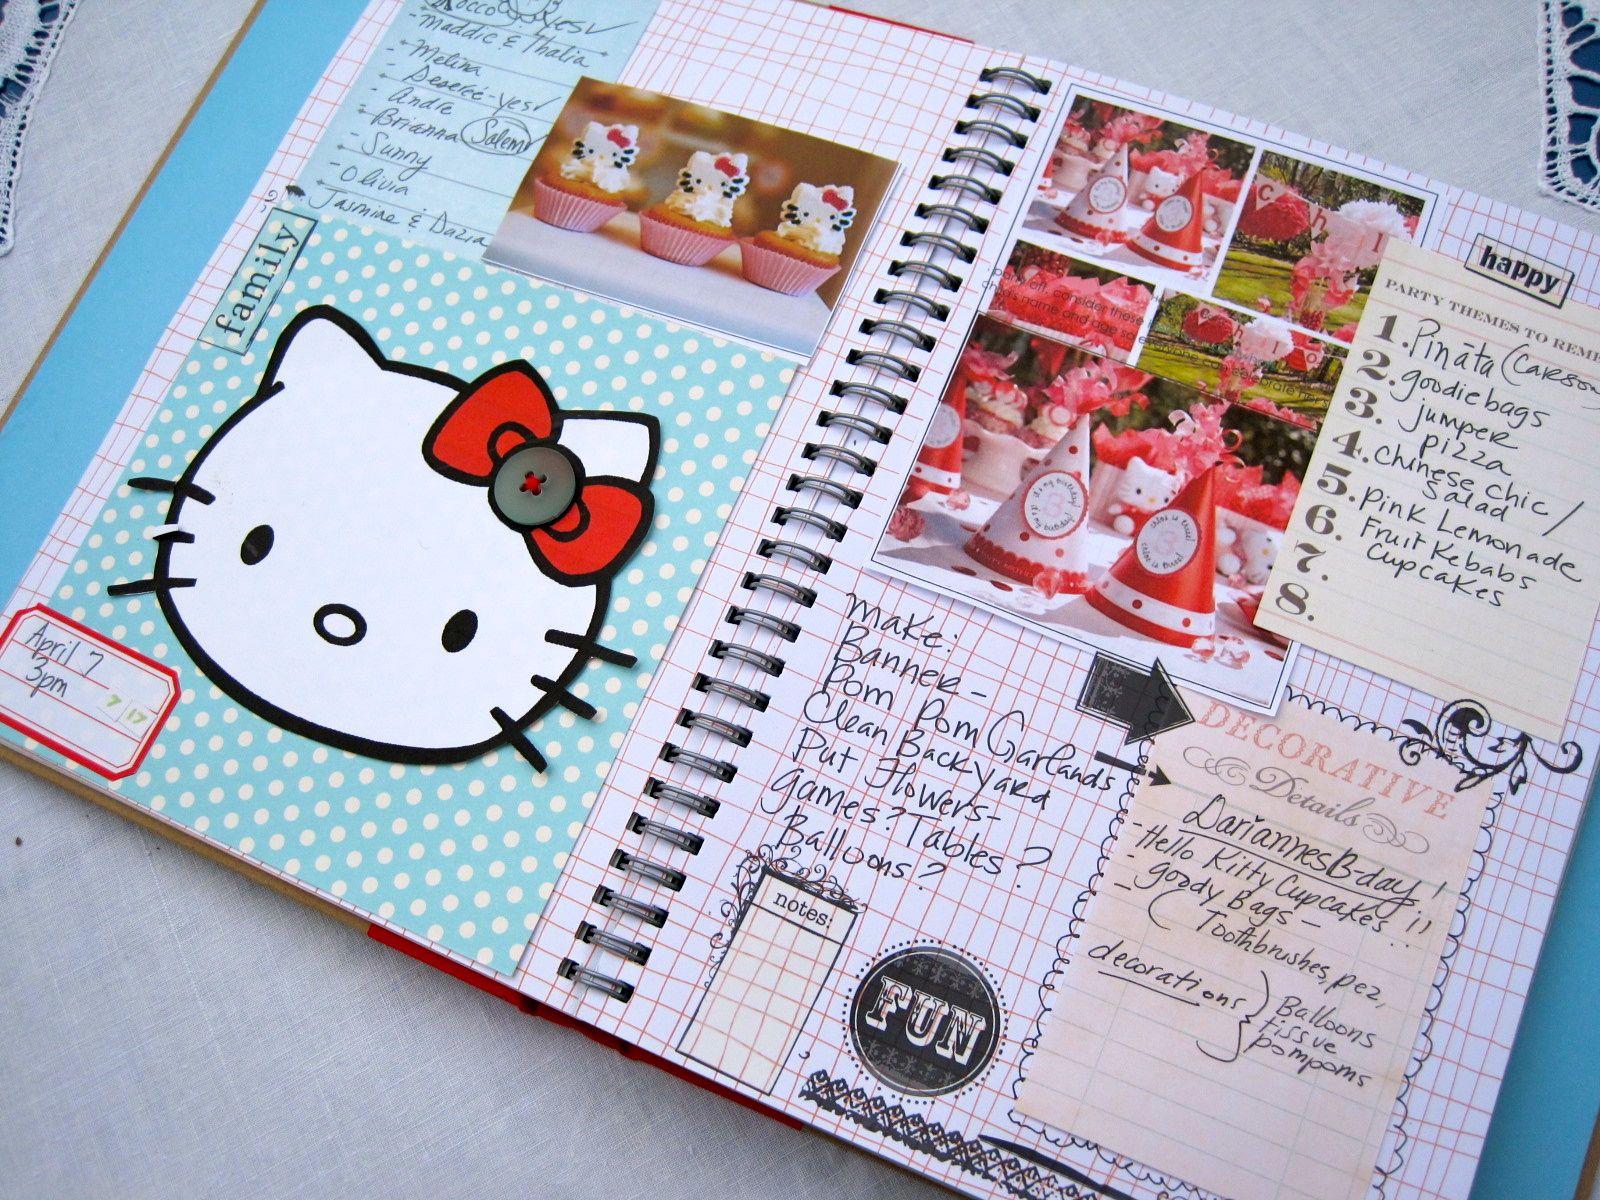 Scrapbook ideas hello kitty - Party1